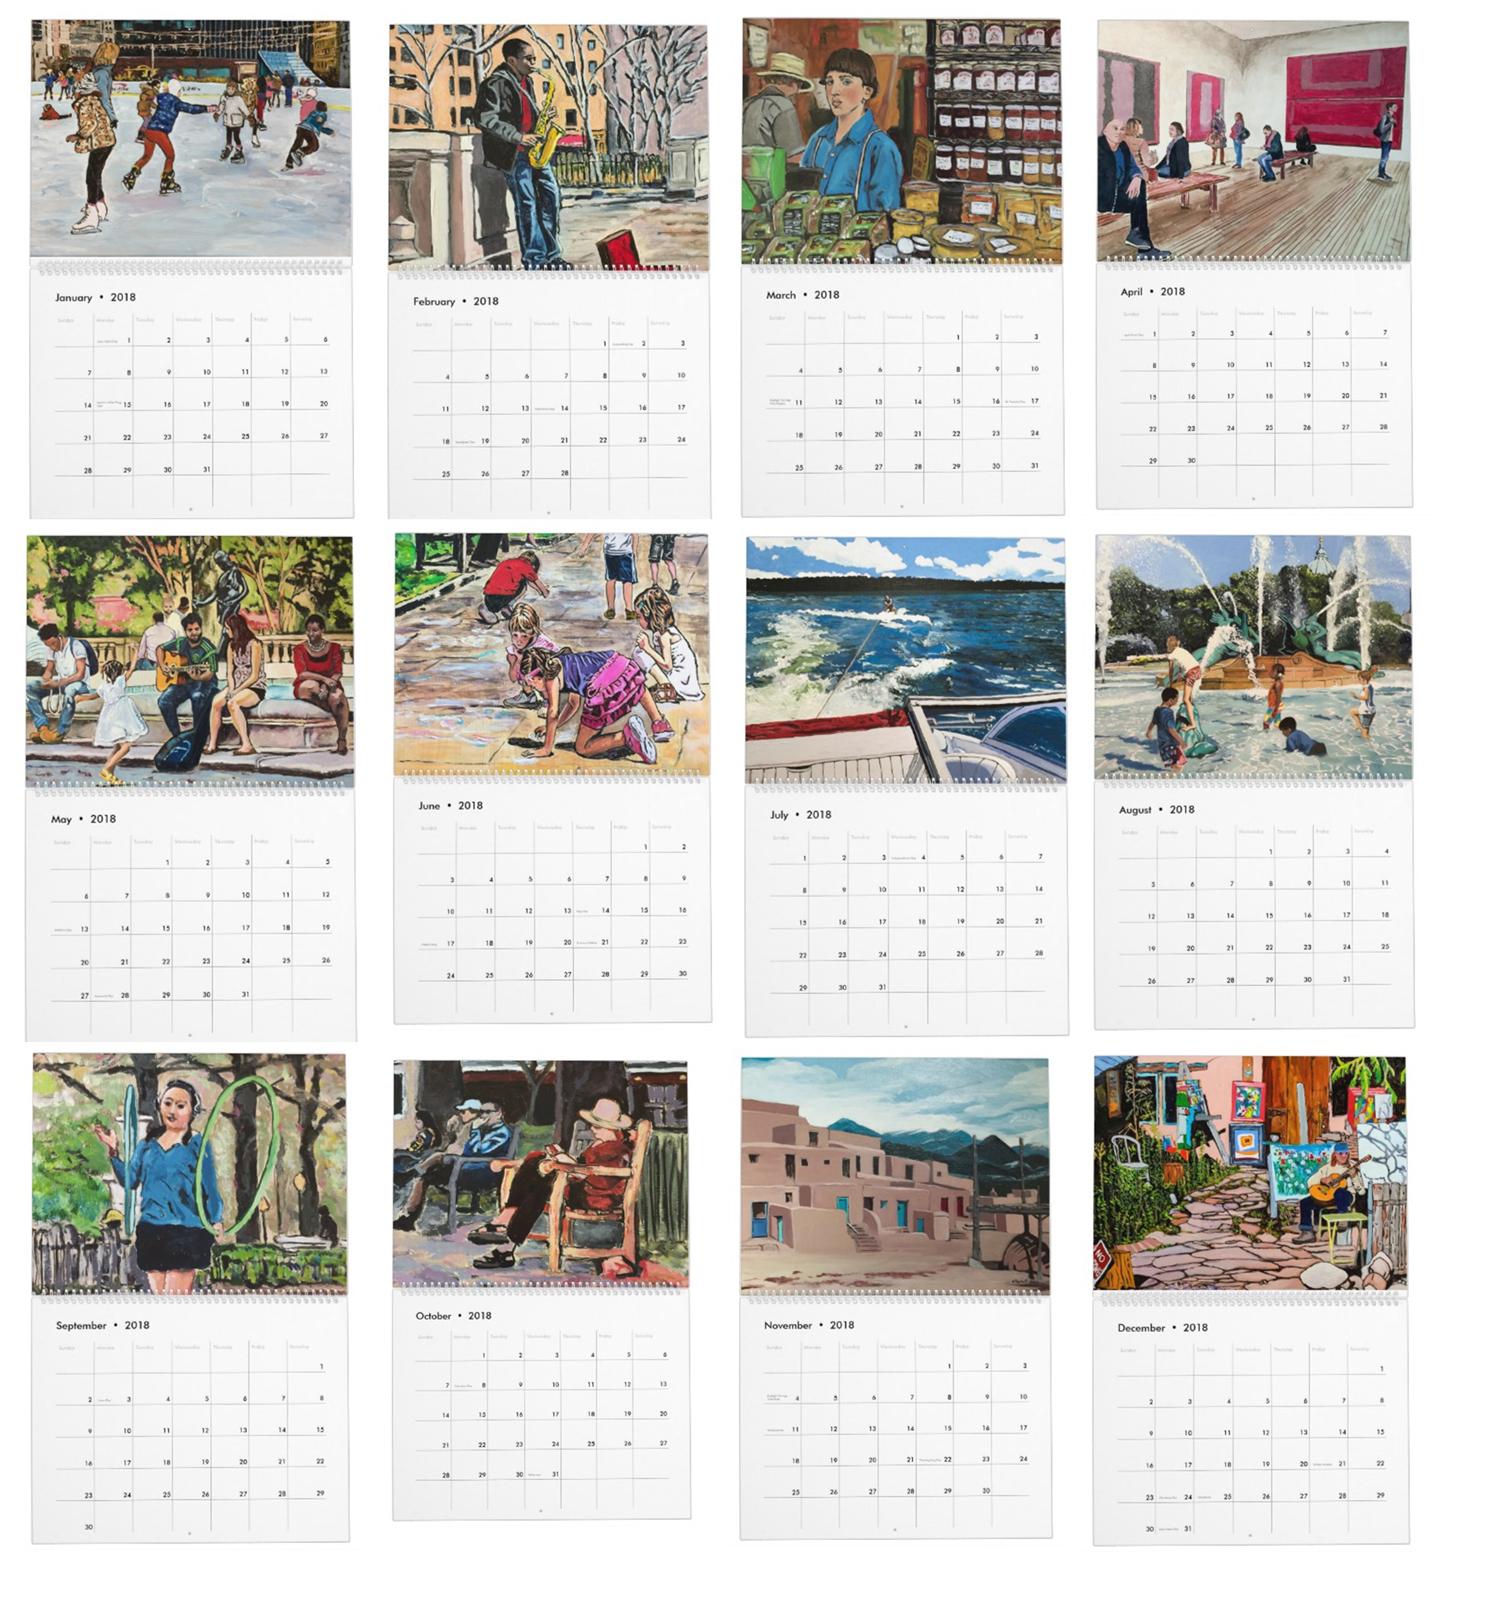 calendar-wall-photos.jpg